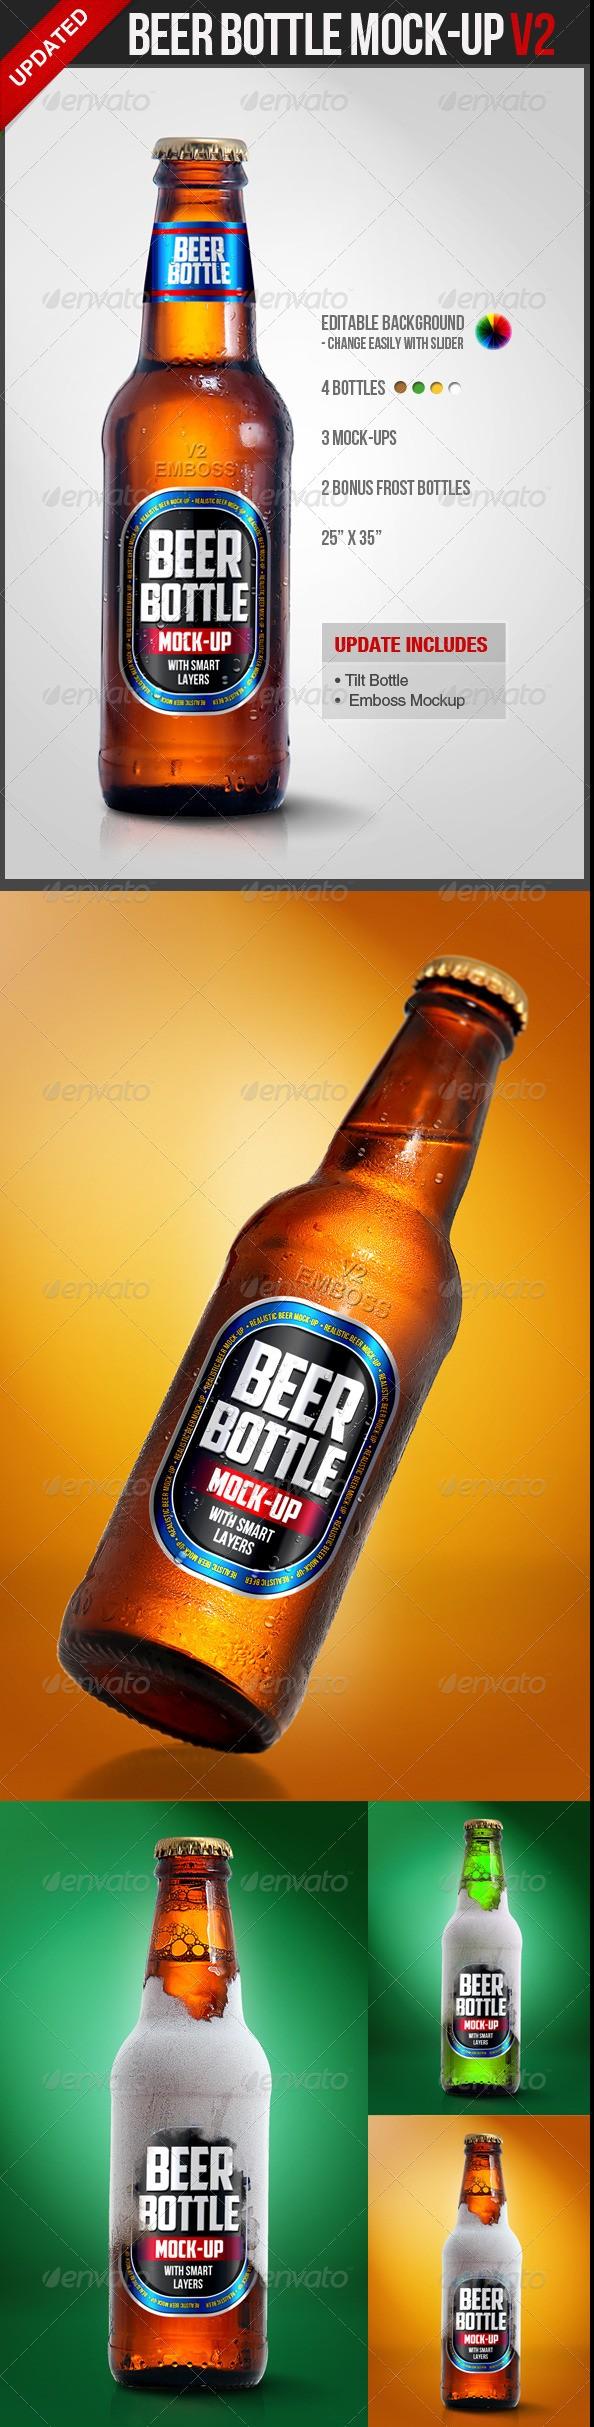 Beer Bottle Mockup V2